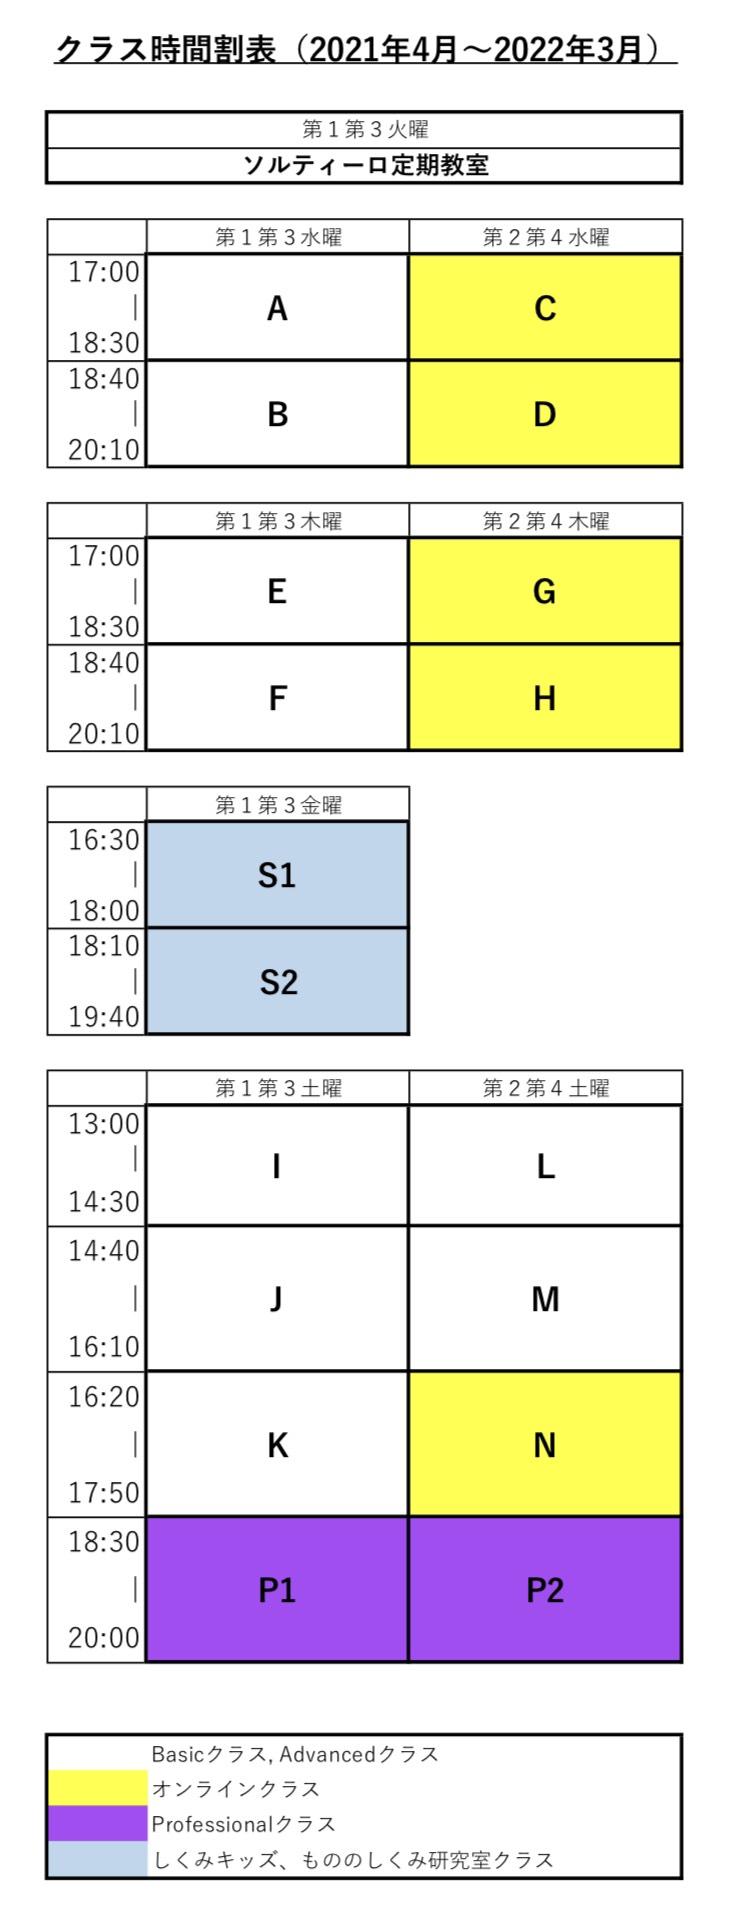 クラス時間割表